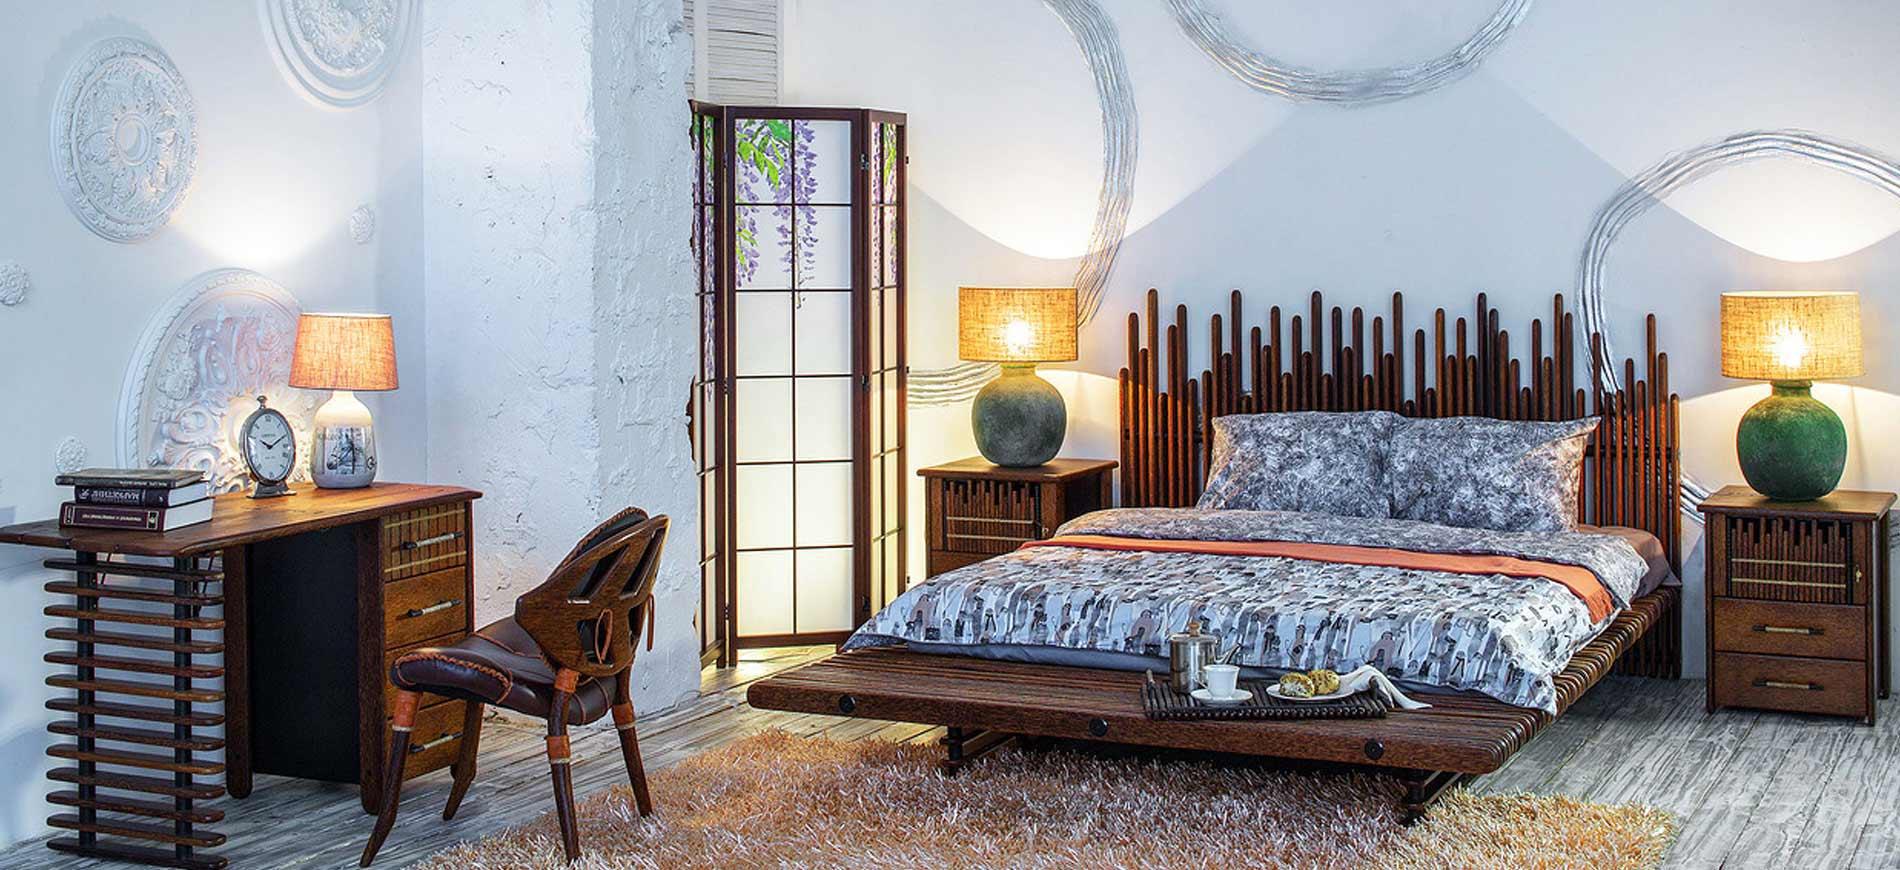 мебель для лофт стиля